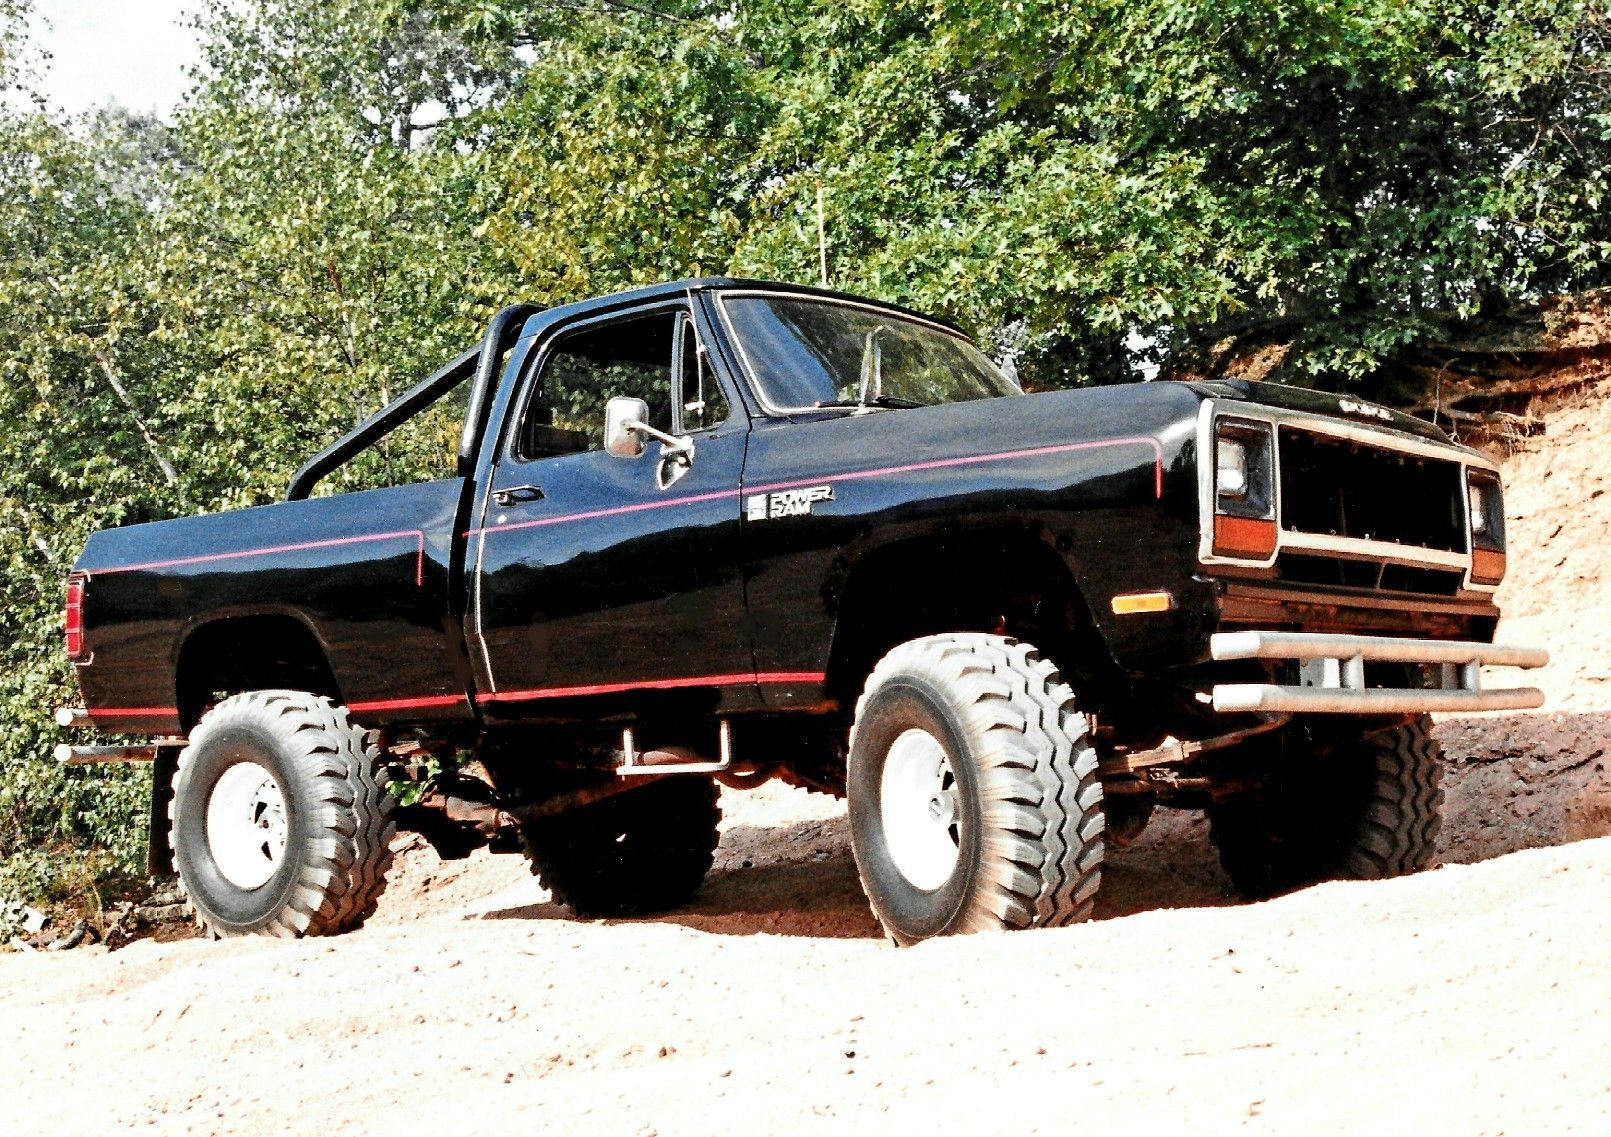 1984 dodge d150 4x4